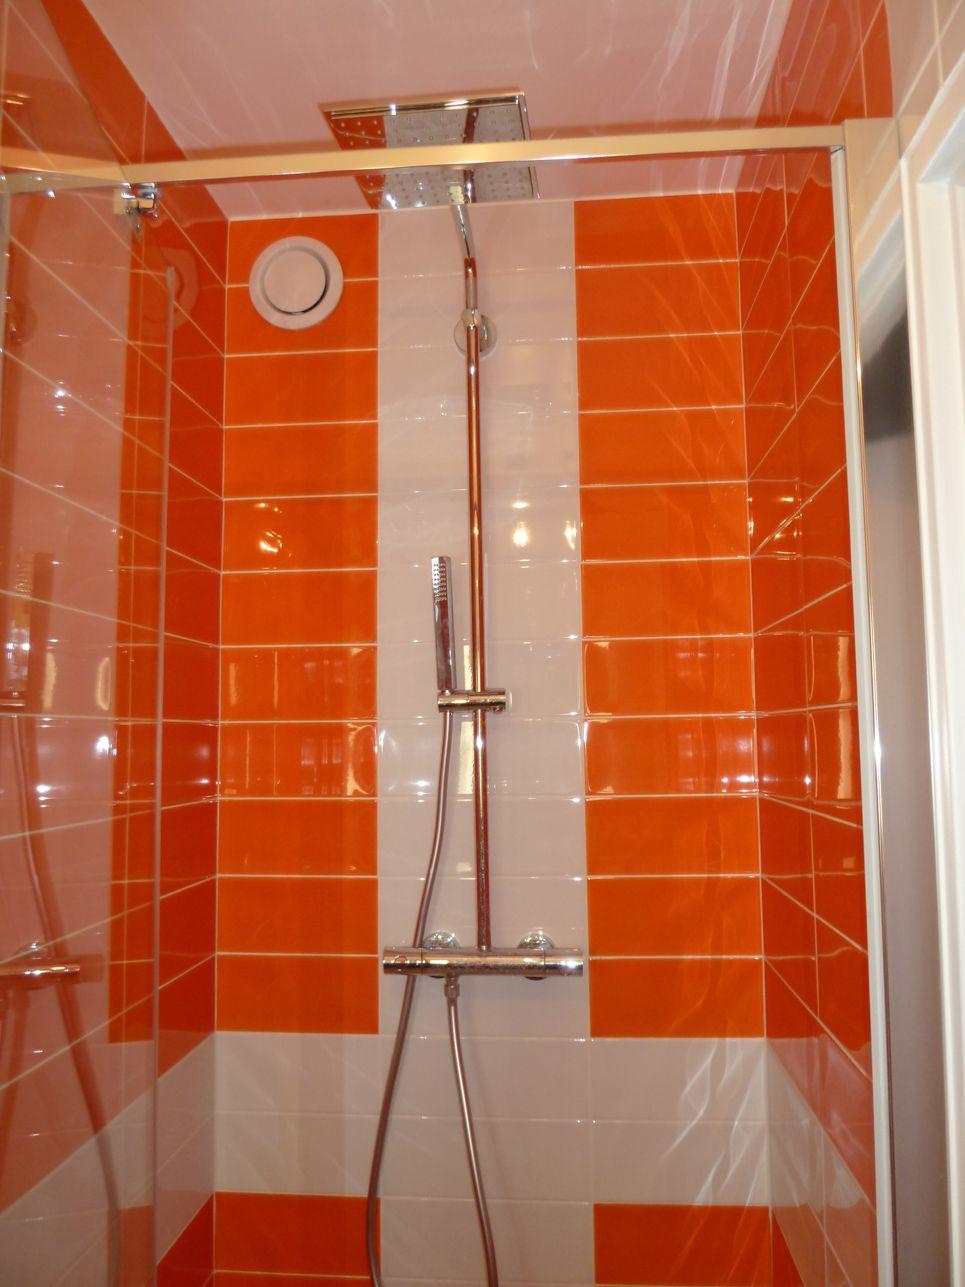 Salle d'eau orange